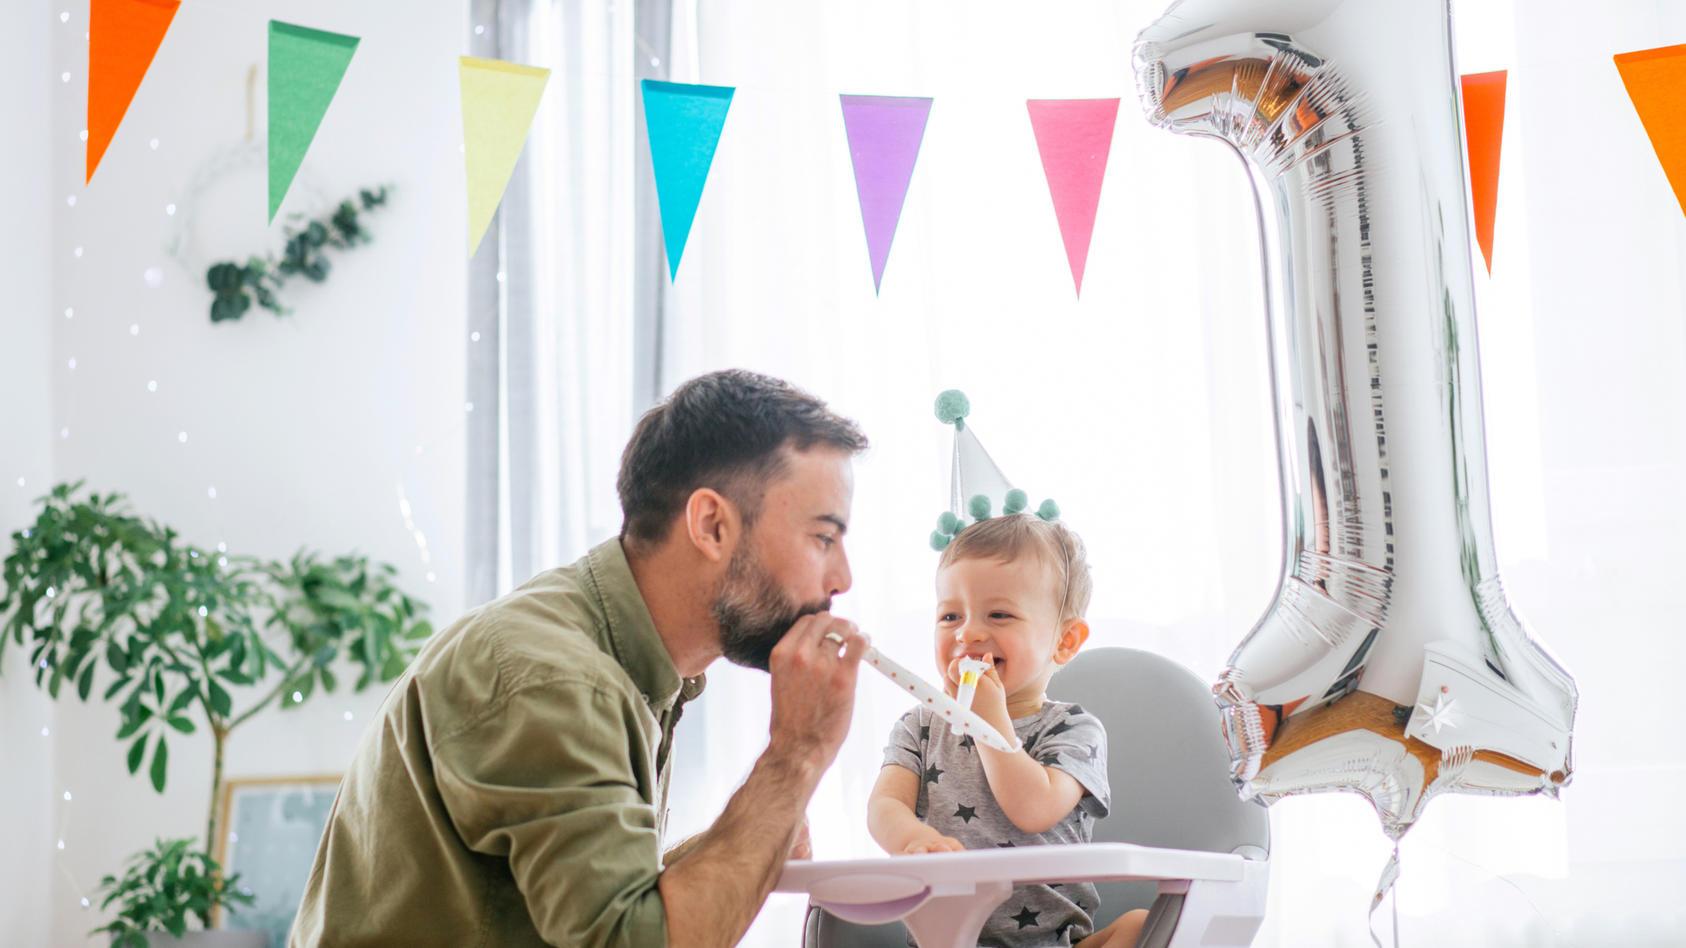 Erste Geburtstagsparty mit dem Baby: Ein besonderes Fest für Eltern und Kind. So feiern Sie Babys ersten Ehrentag richtig.